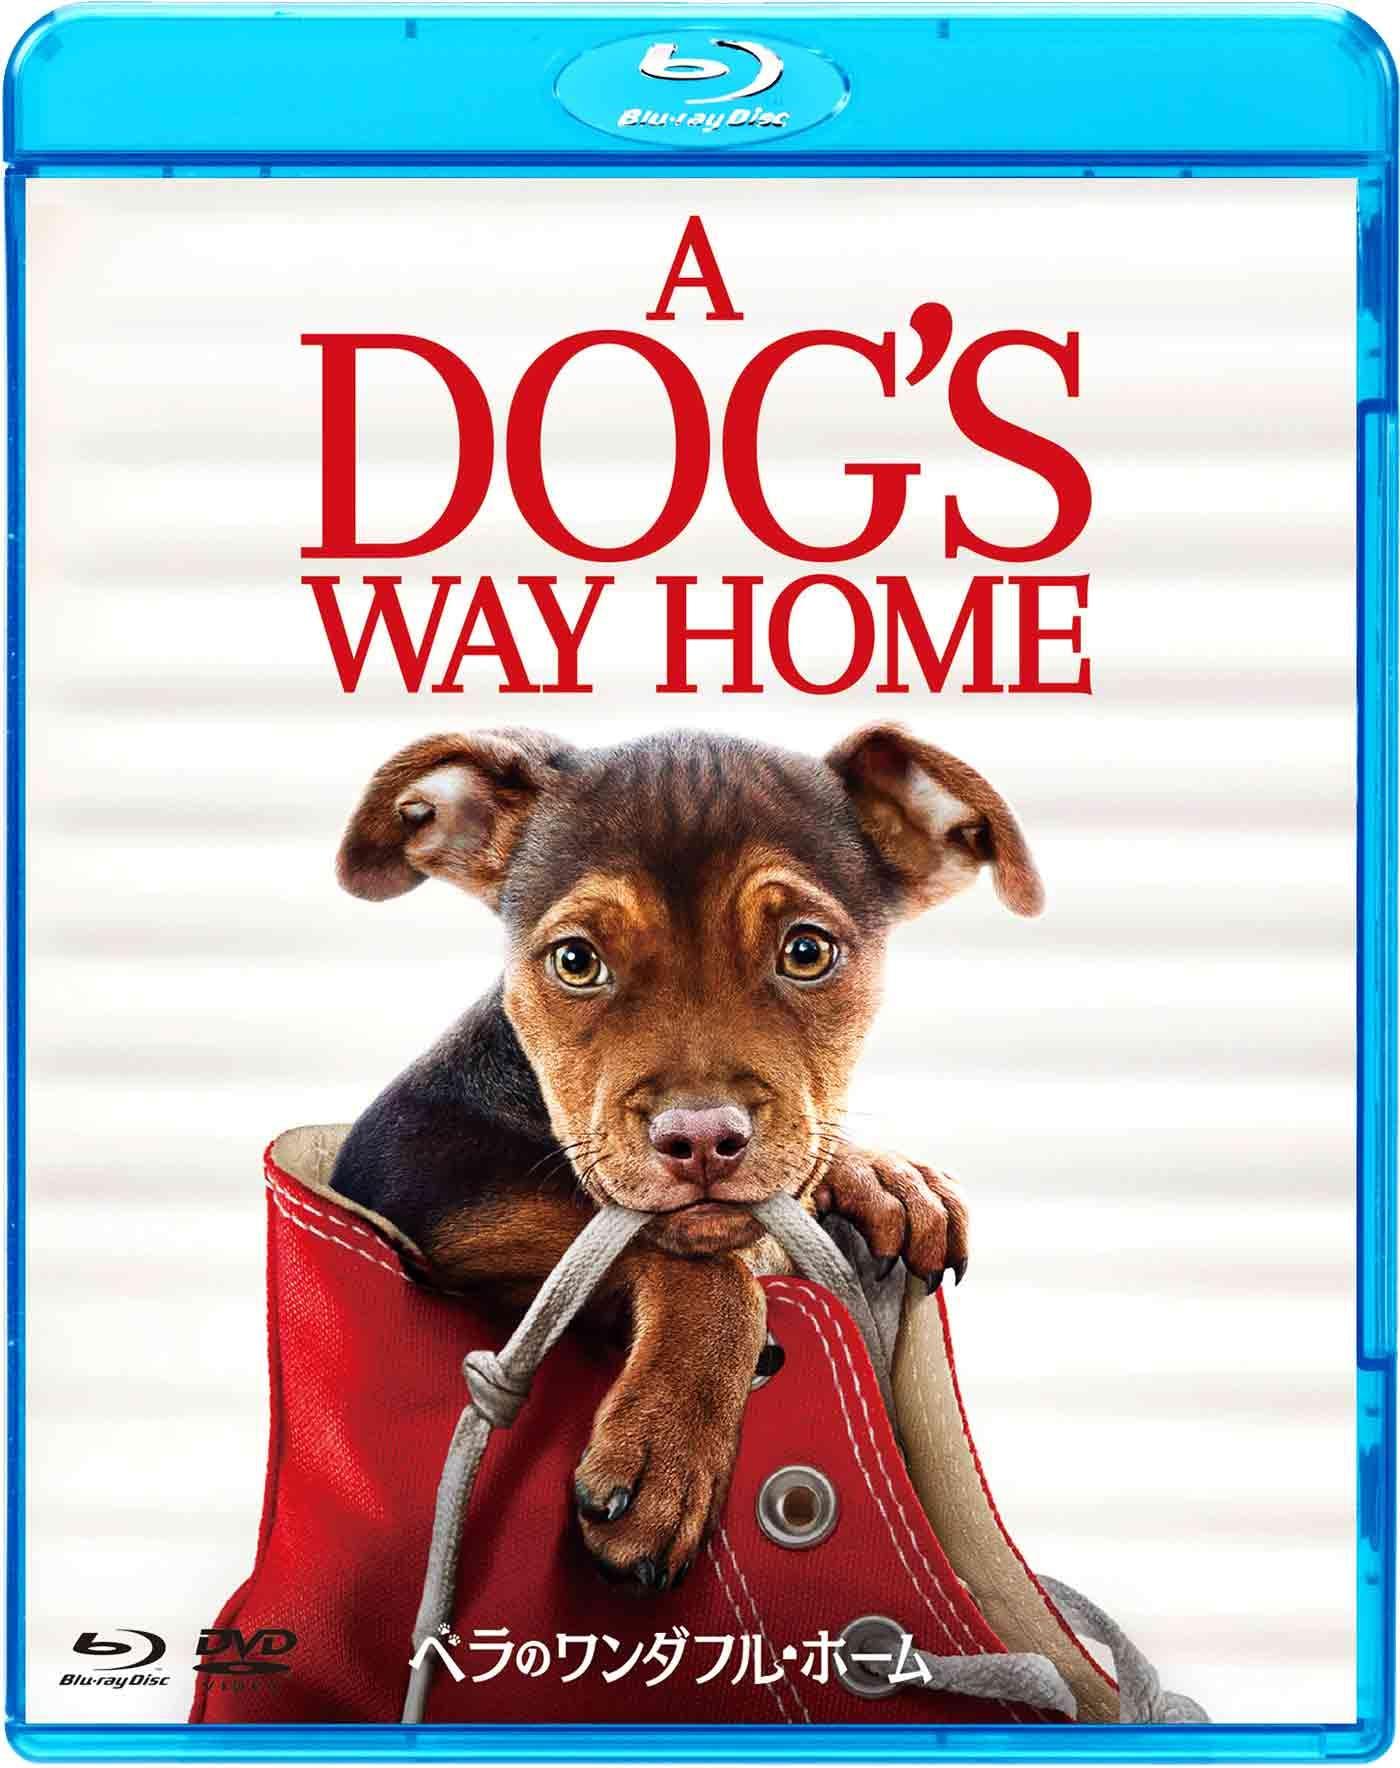 ベラのワンダフル・ホーム  犬好き映画コレクション ピットブル